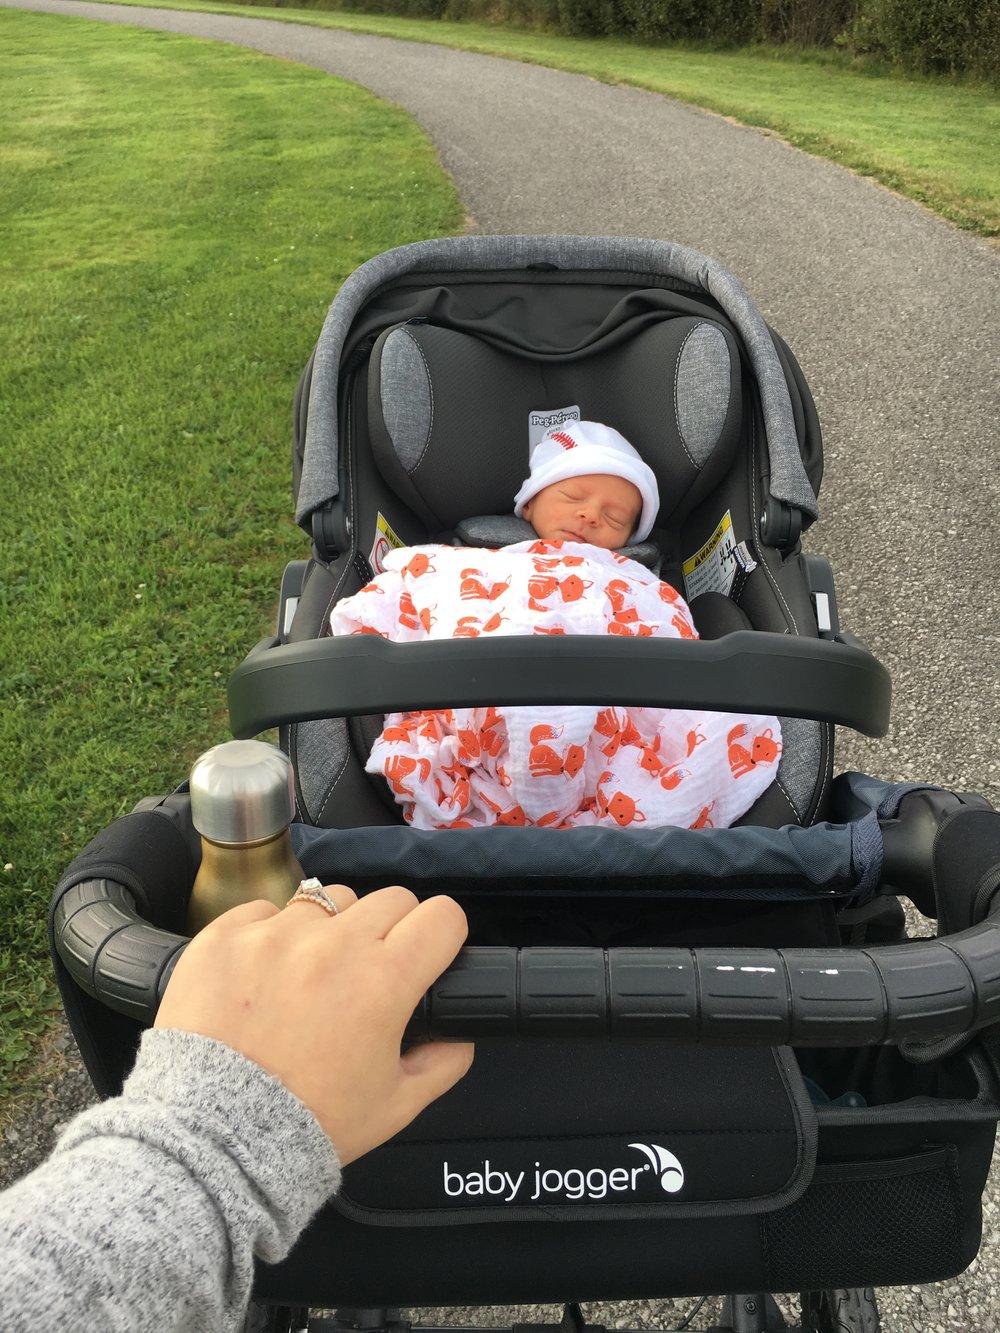 Dominic in the stroller